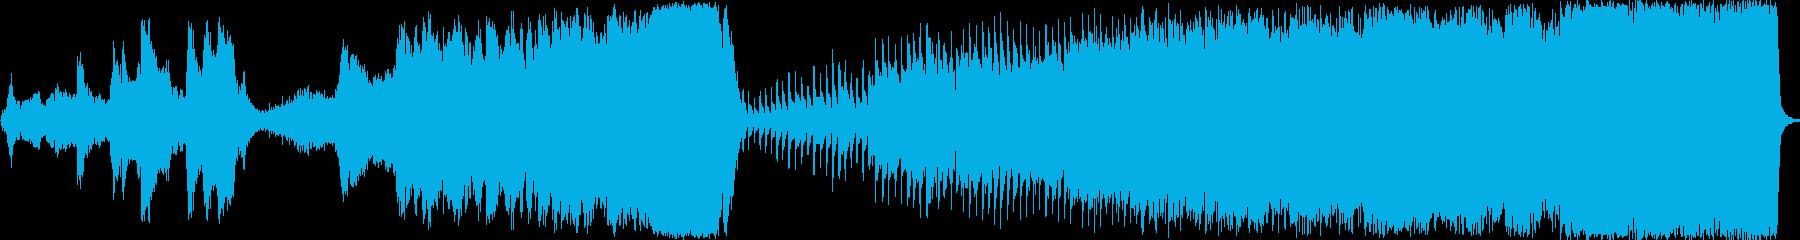 近未来的なSF調のシンセサイザー音楽の再生済みの波形